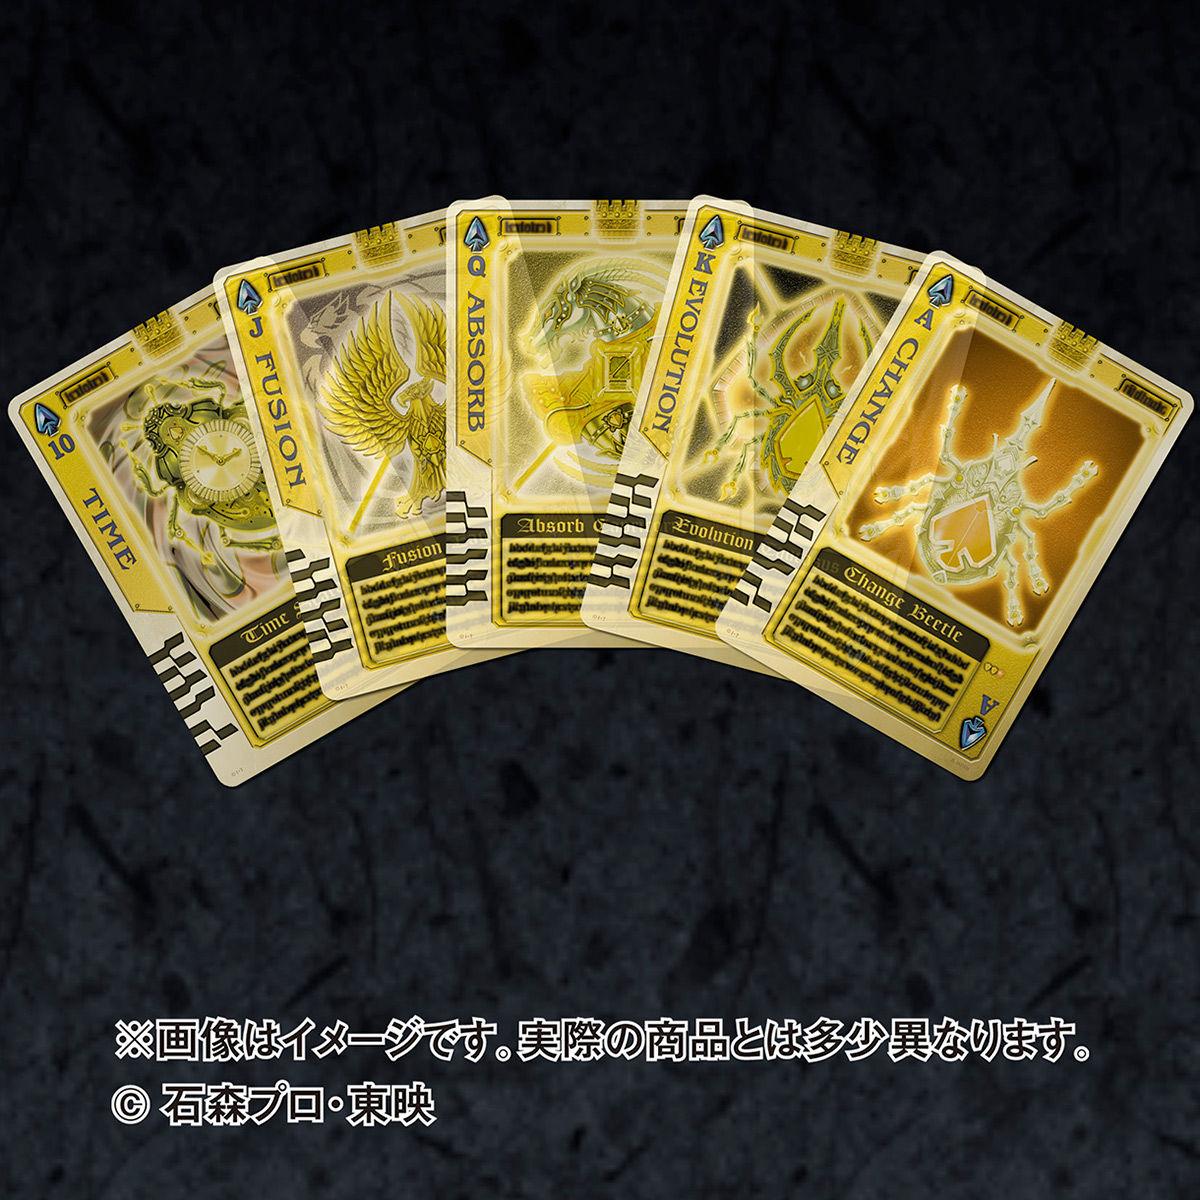 仮面ライダー剣『ラウズカードアーカイブス BOARD COLLECTION』カード-003